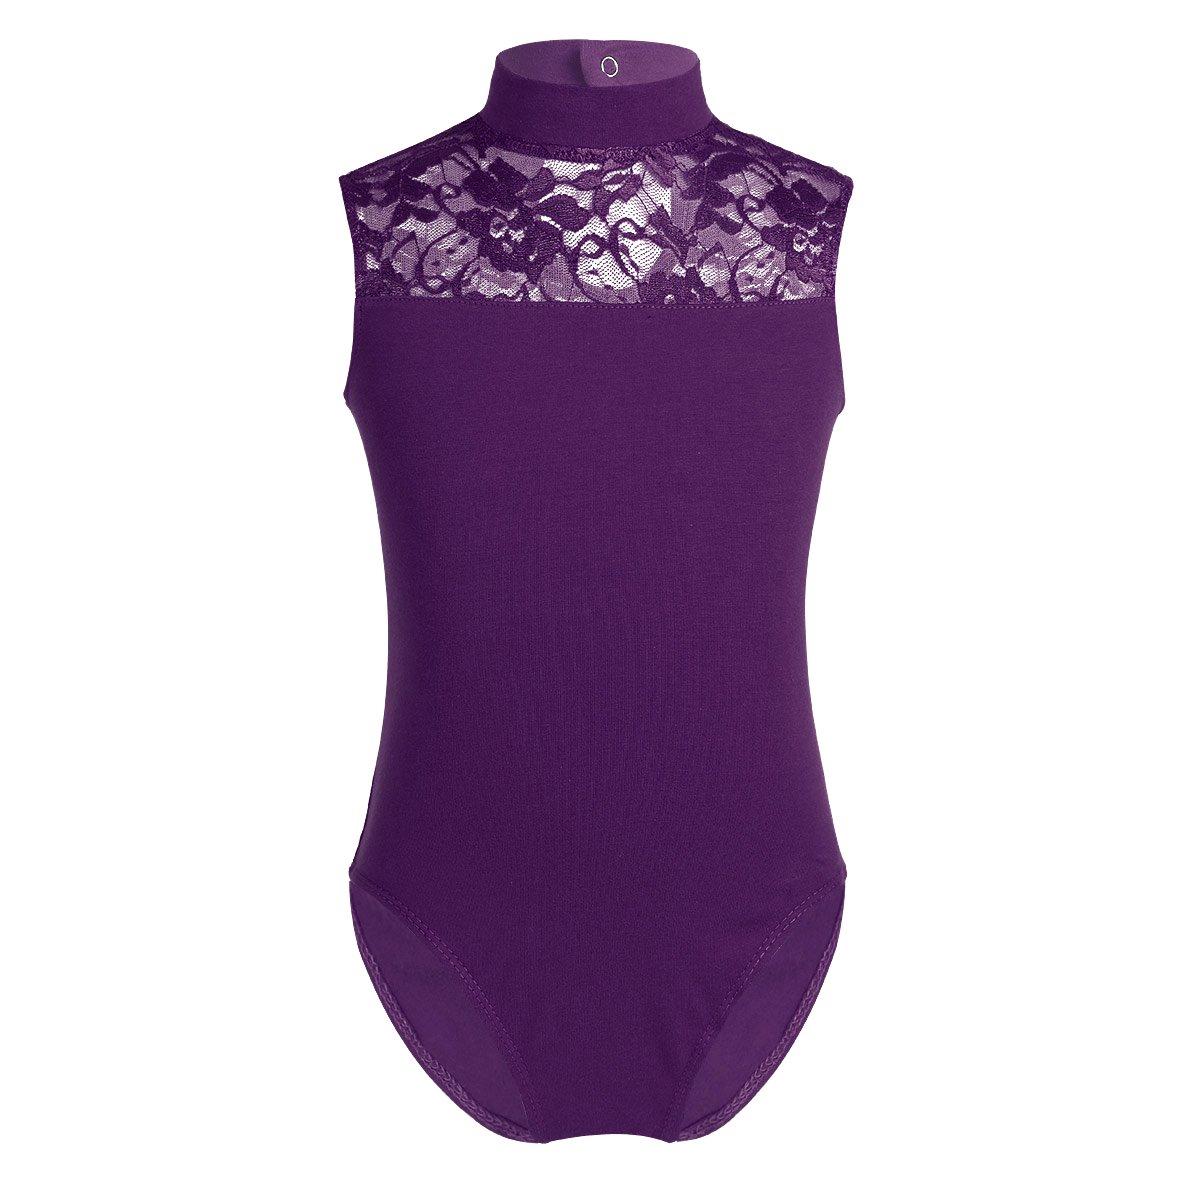 YiZYiF SOCKSHOSIERY ガールズ B07F9M7X5P 10|Turtle-neck Purple Turtle-neck Purple 10